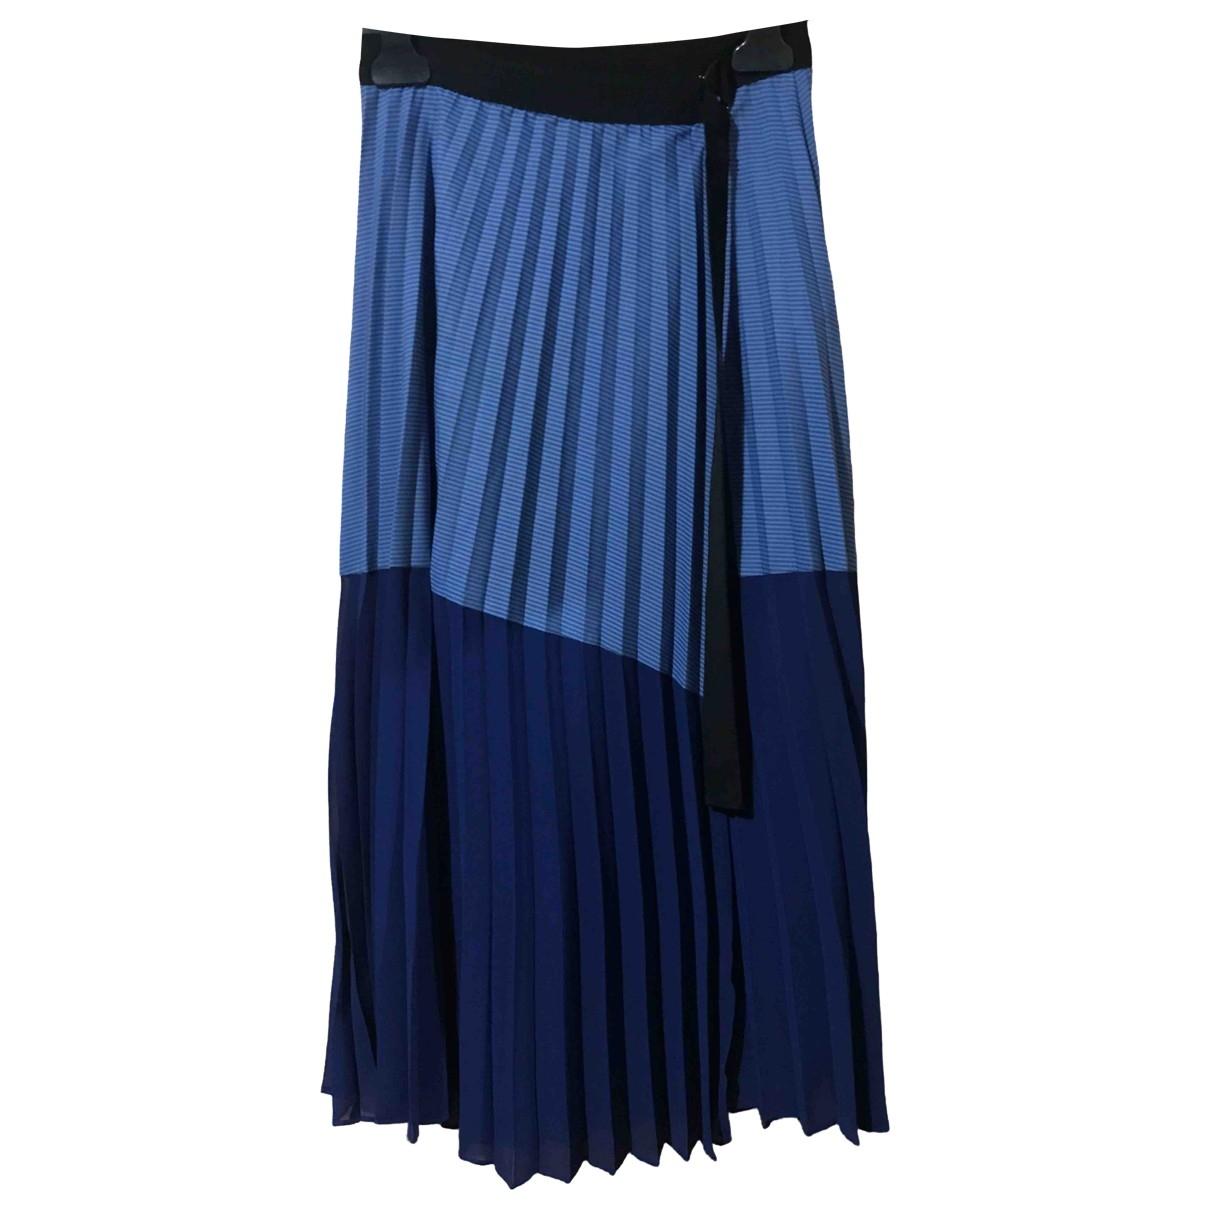 Sandro Spring Summer 2019 Blue Cotton skirt for Women 1 0-5